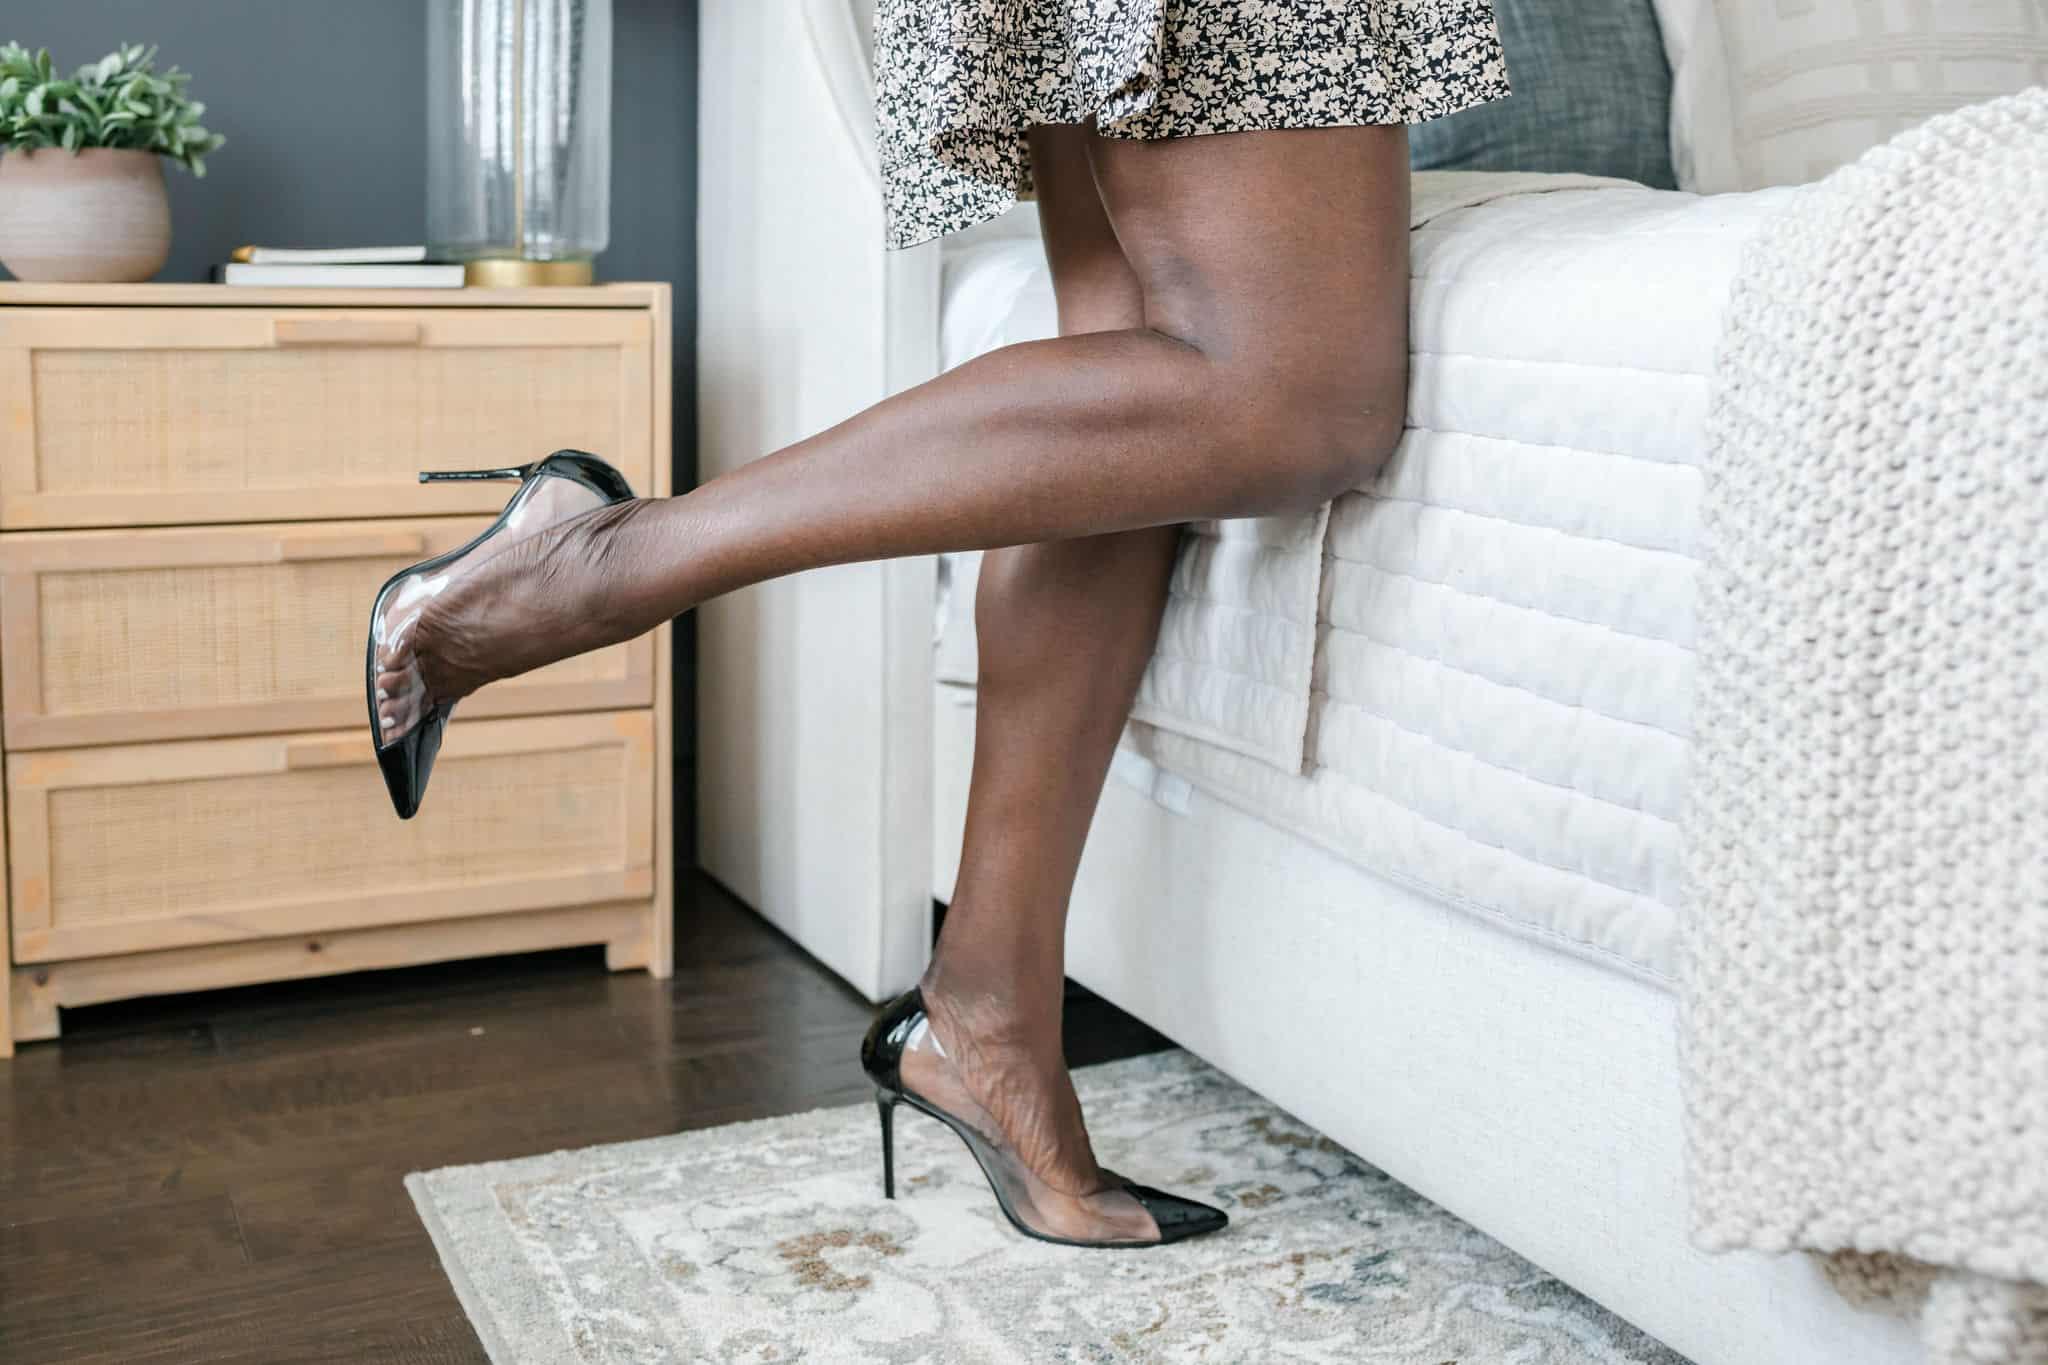 Modeling clear heels on bedside